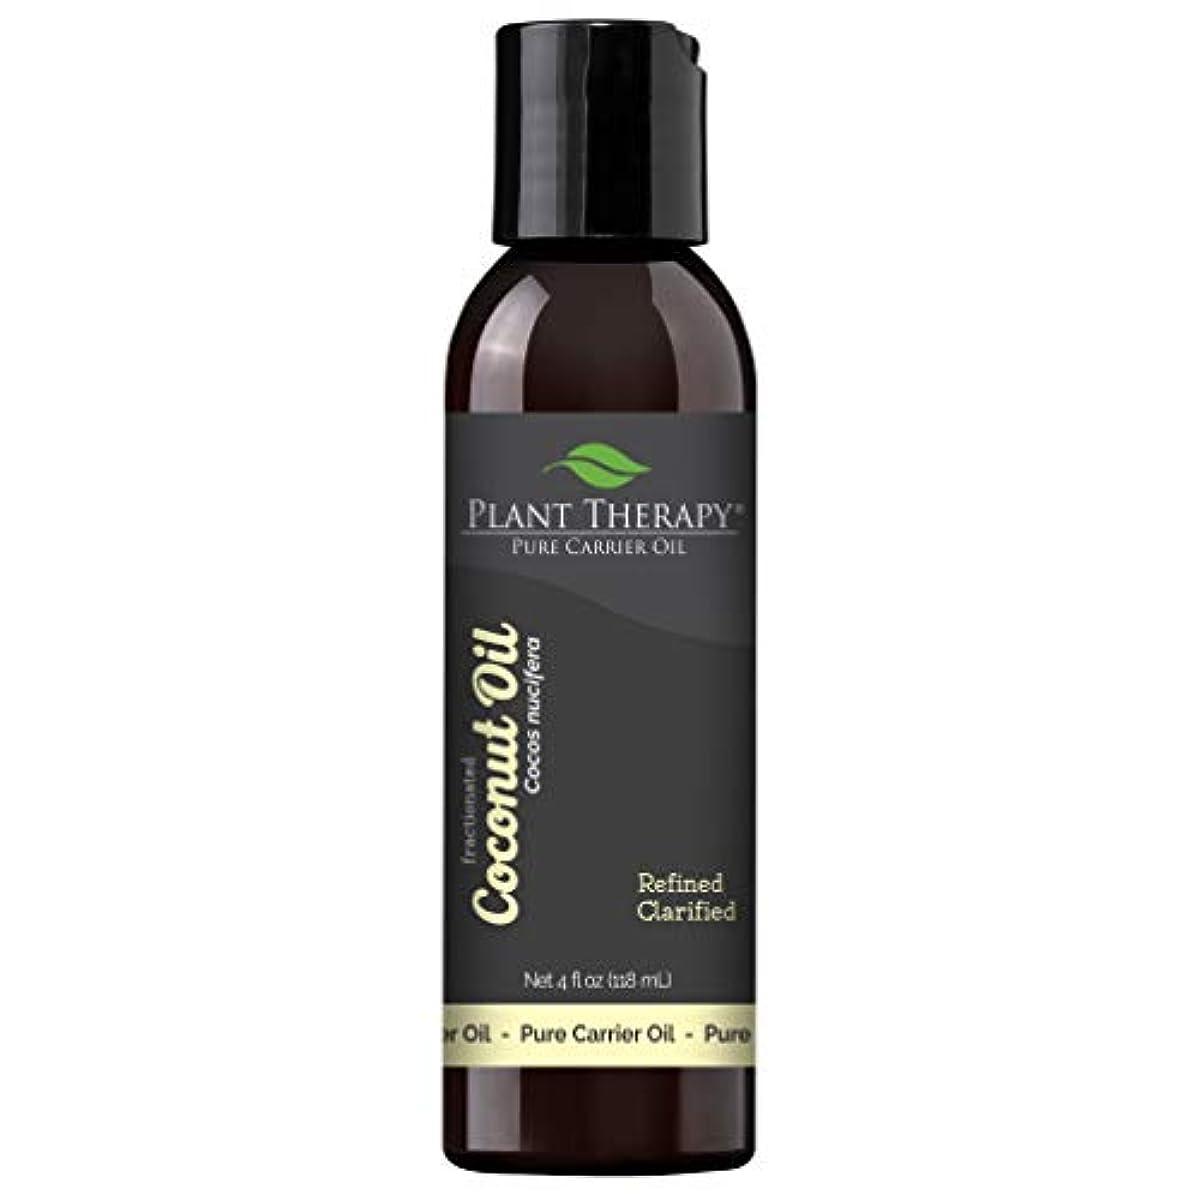 時間石膏モッキンバードPlant Therapy Essential Oils (プラントセラピー エッセンシャルオイル) ココナッツ (分別蒸留) 4 オンス キャリアオイル